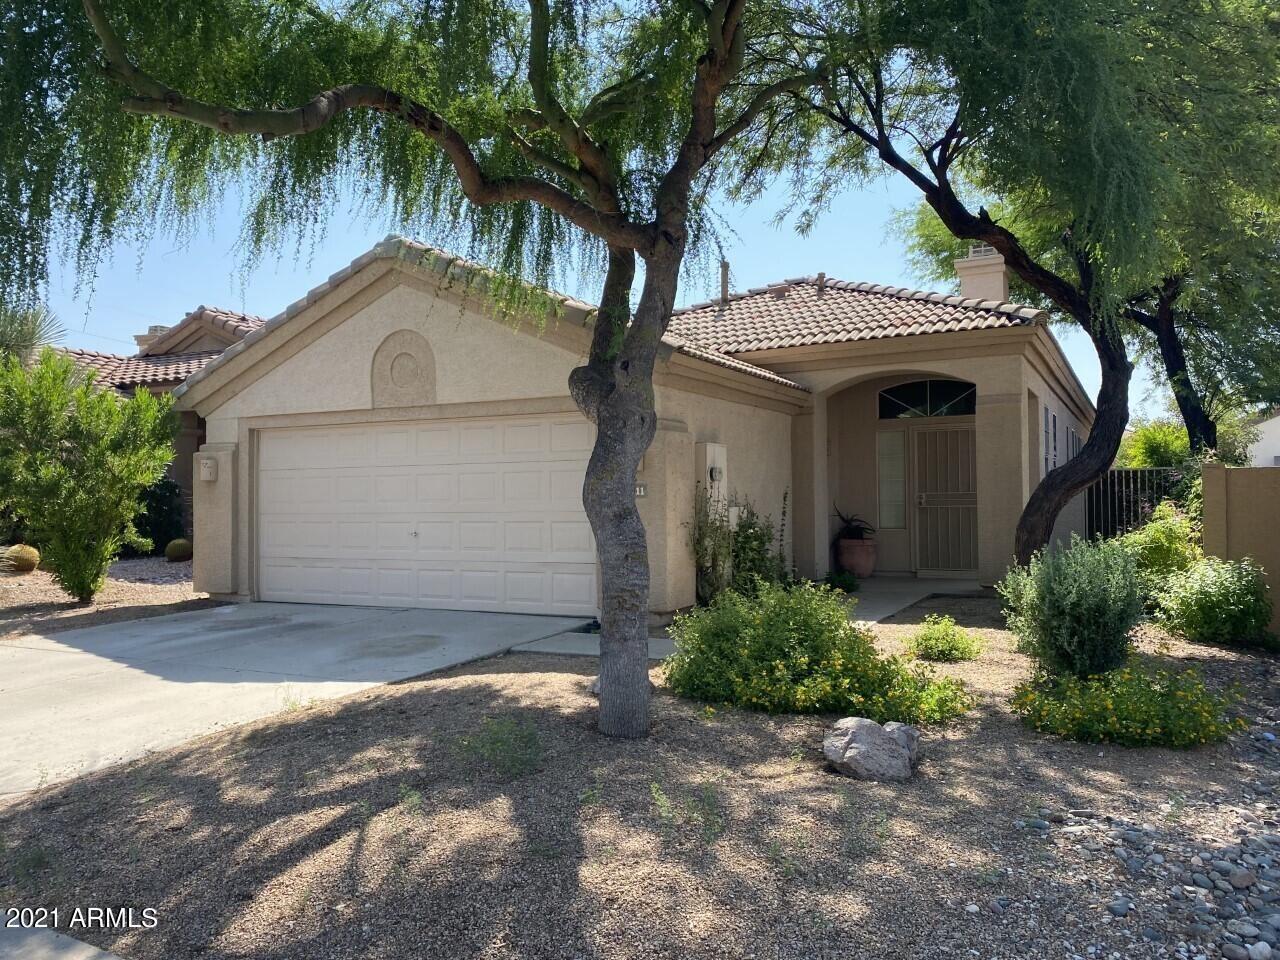 Photo of 4311 E PALO BREA Lane, Cave Creek, AZ 85331 (MLS # 6291960)